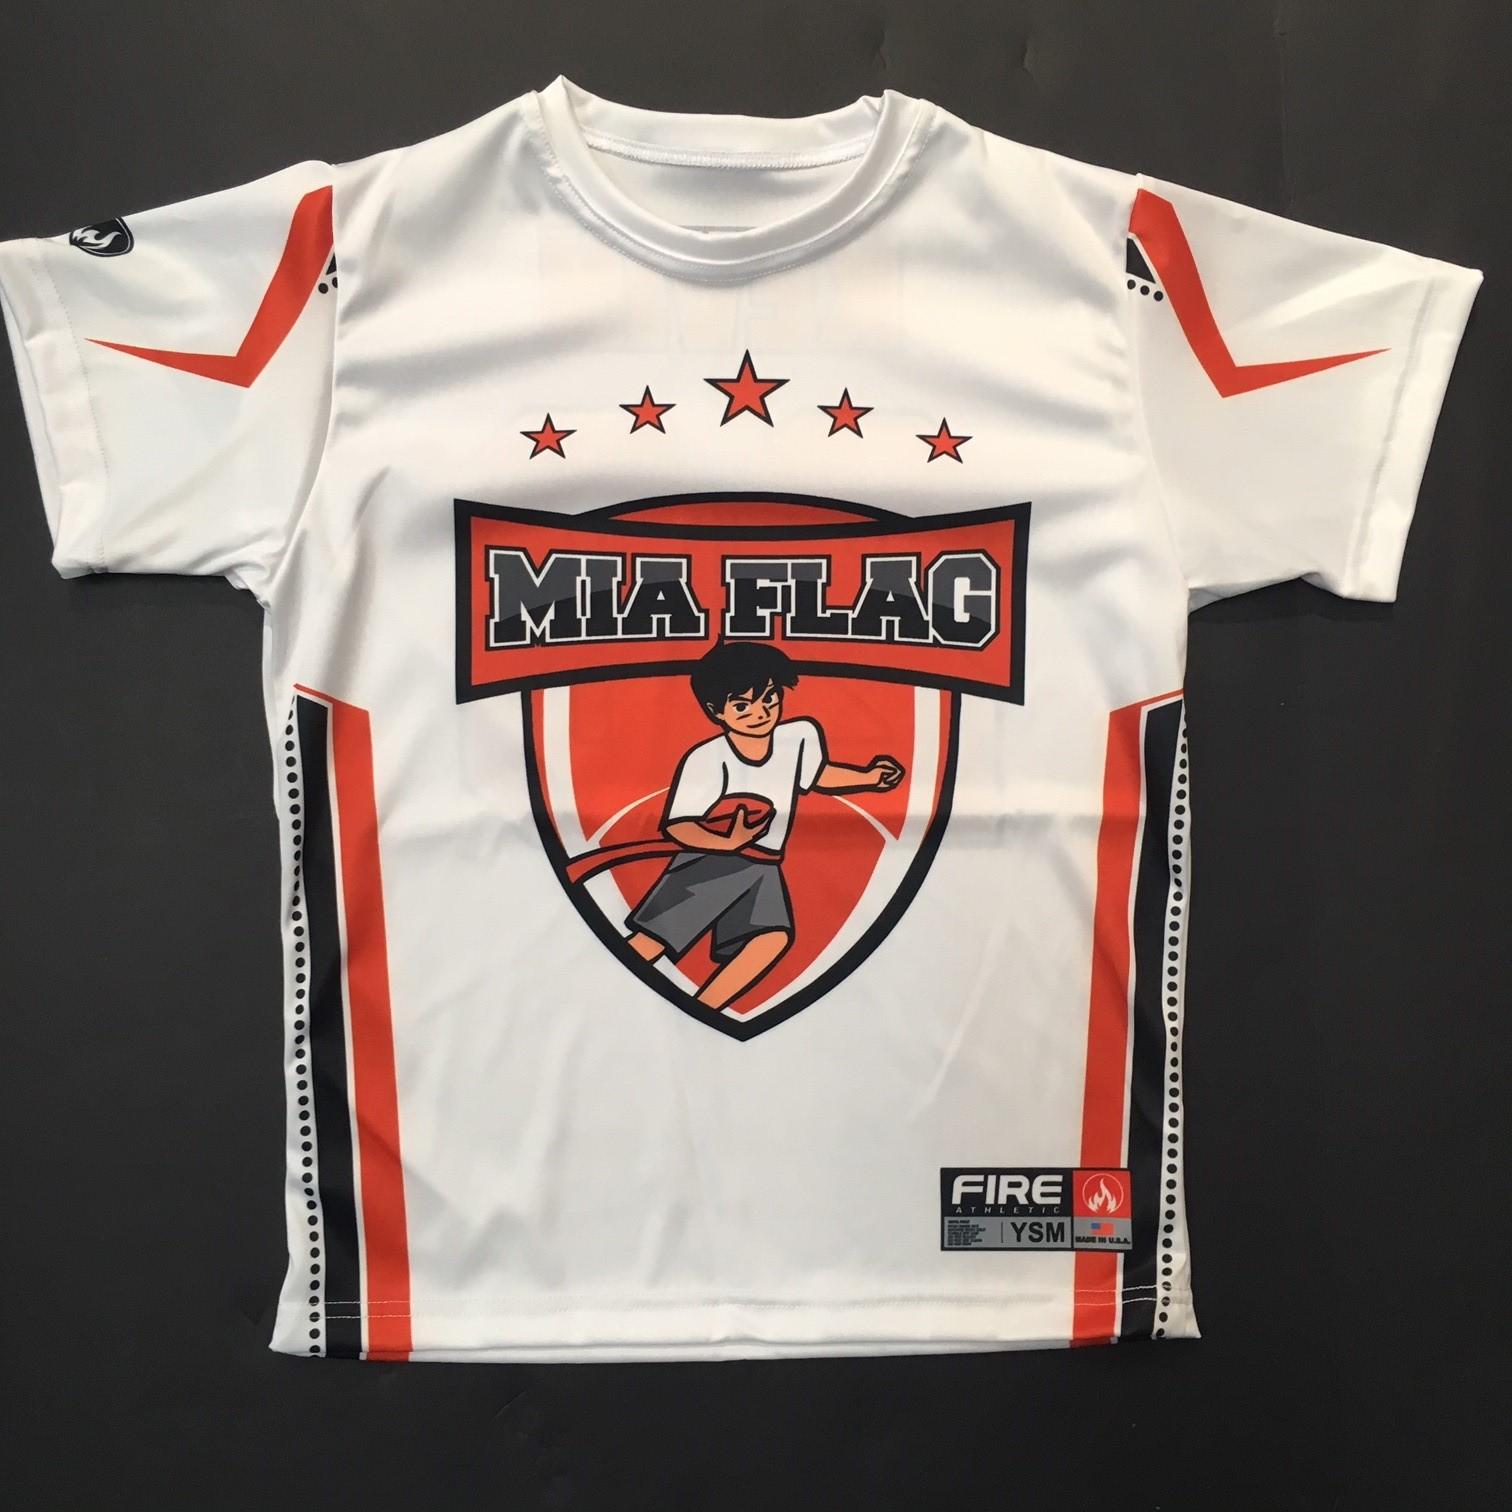 mia flag white jersey front.jpg